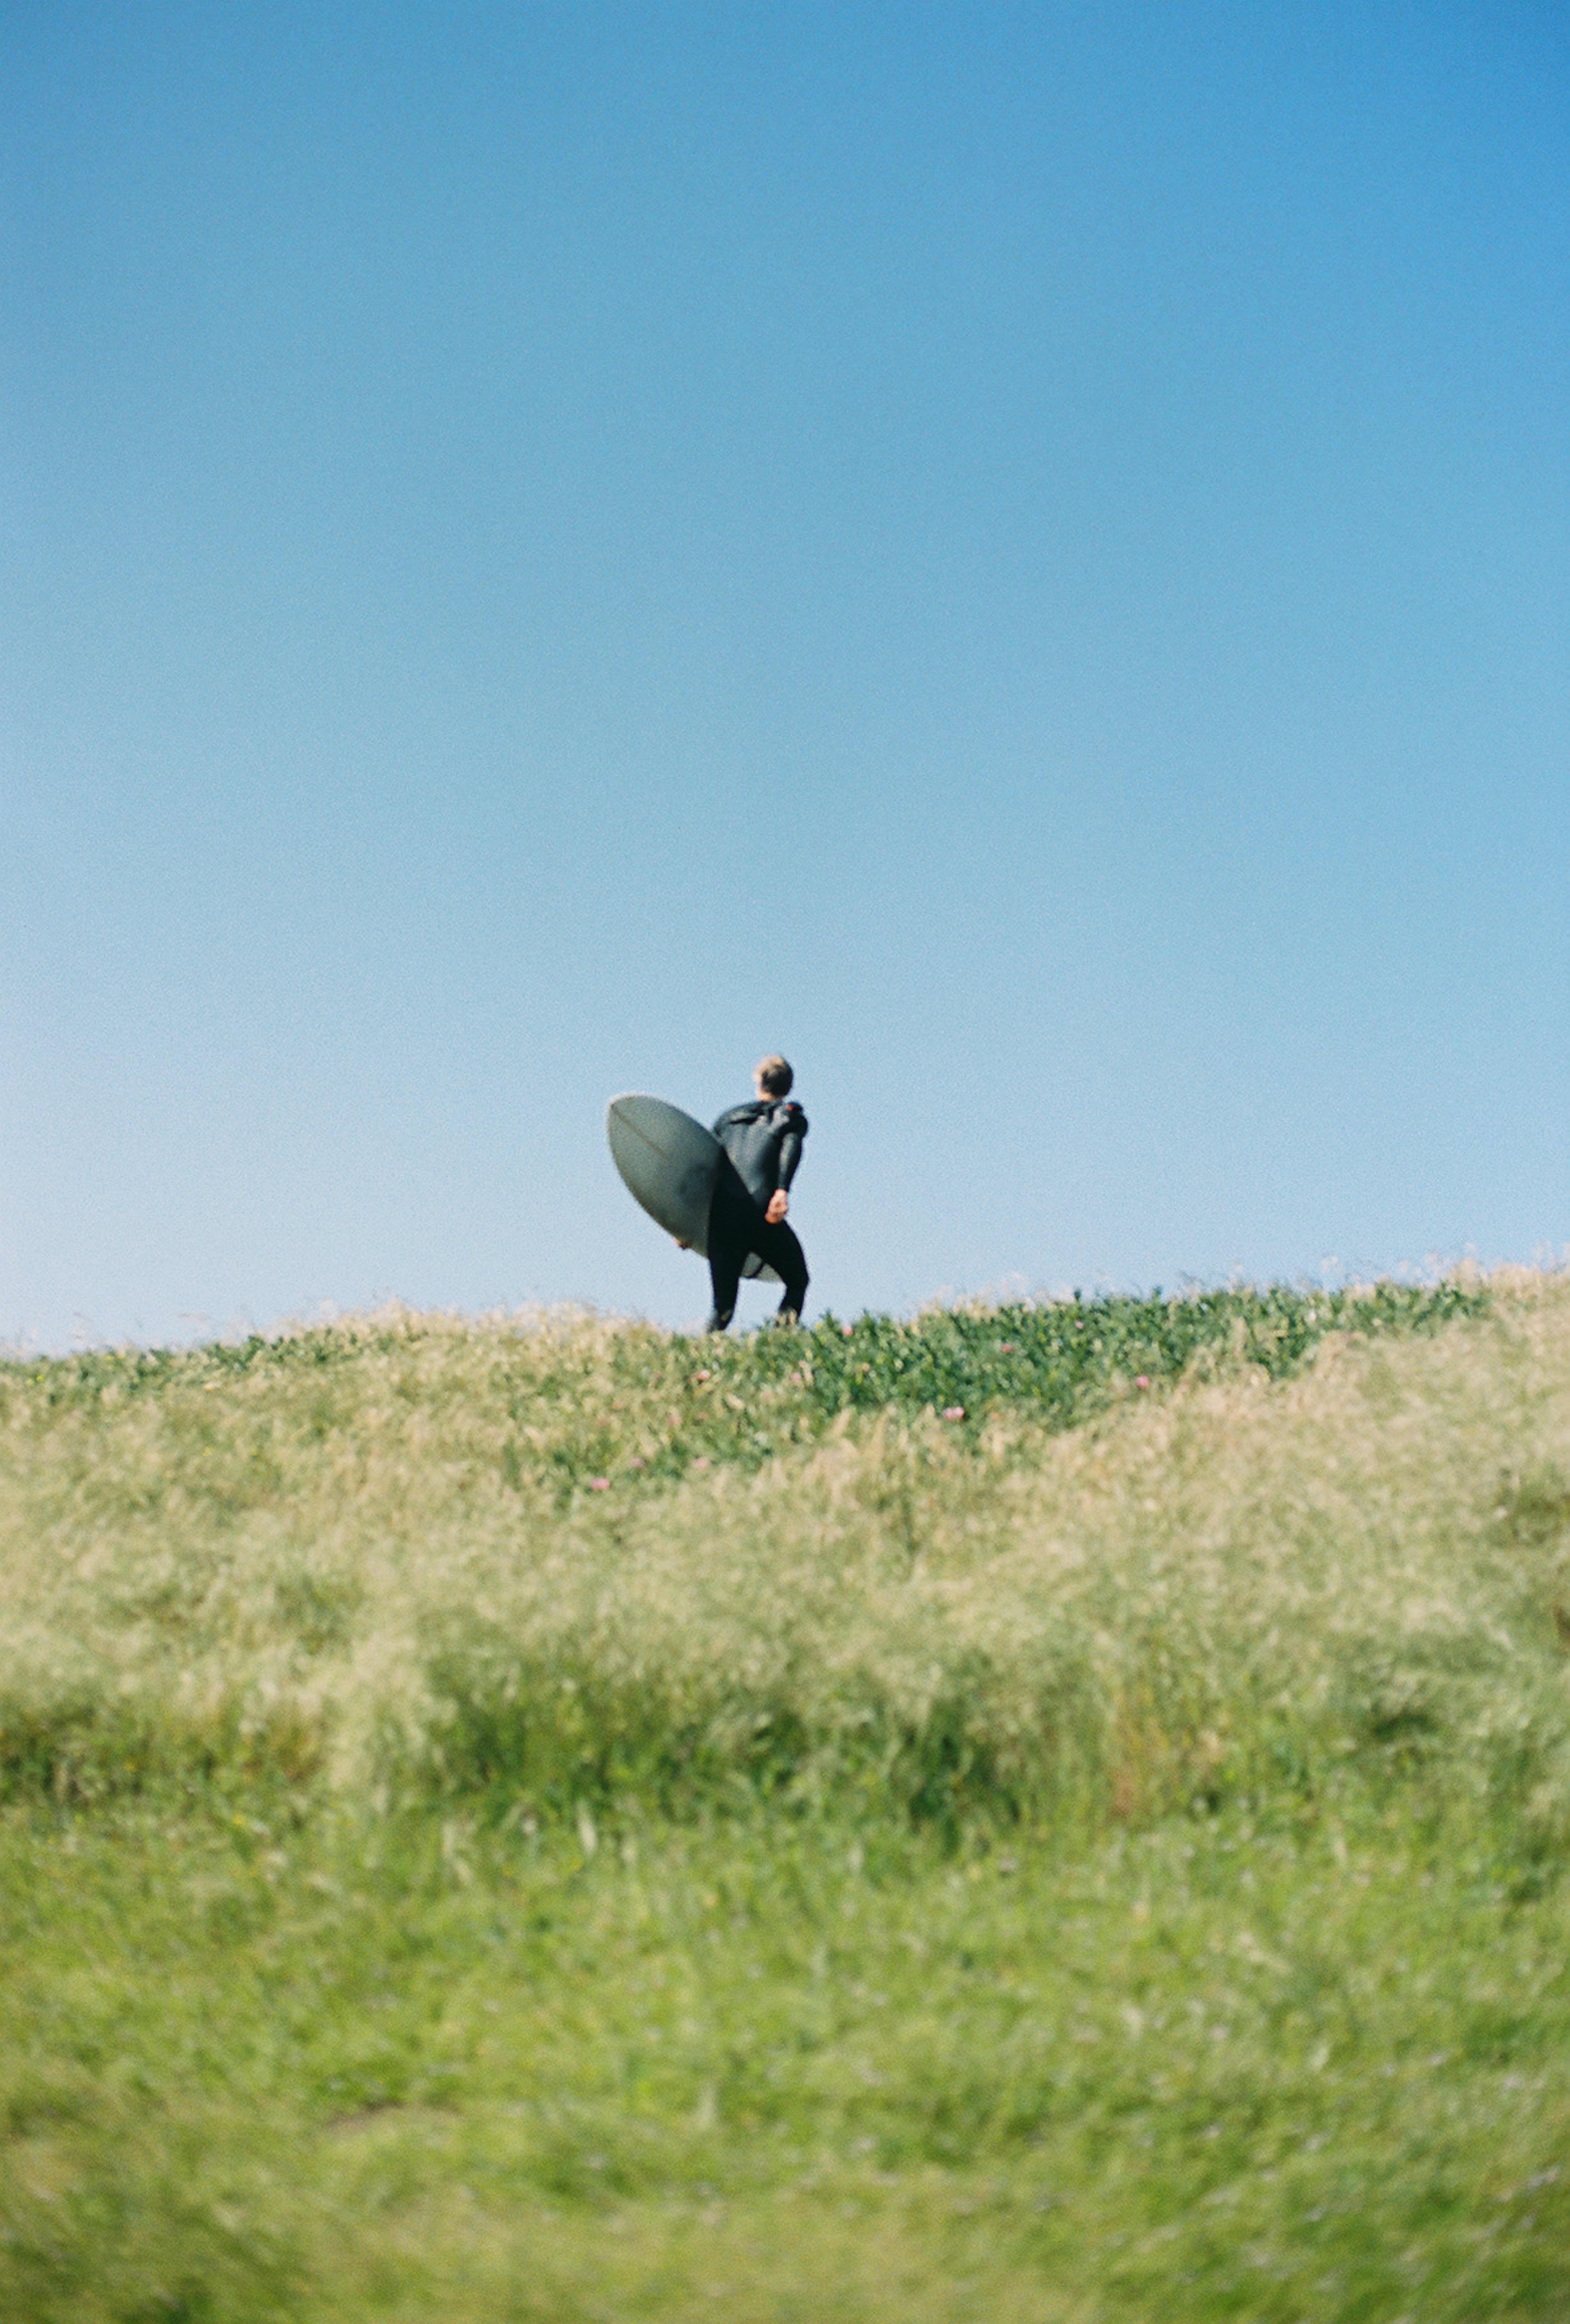 man standing on green grass mountain holding long surfboard